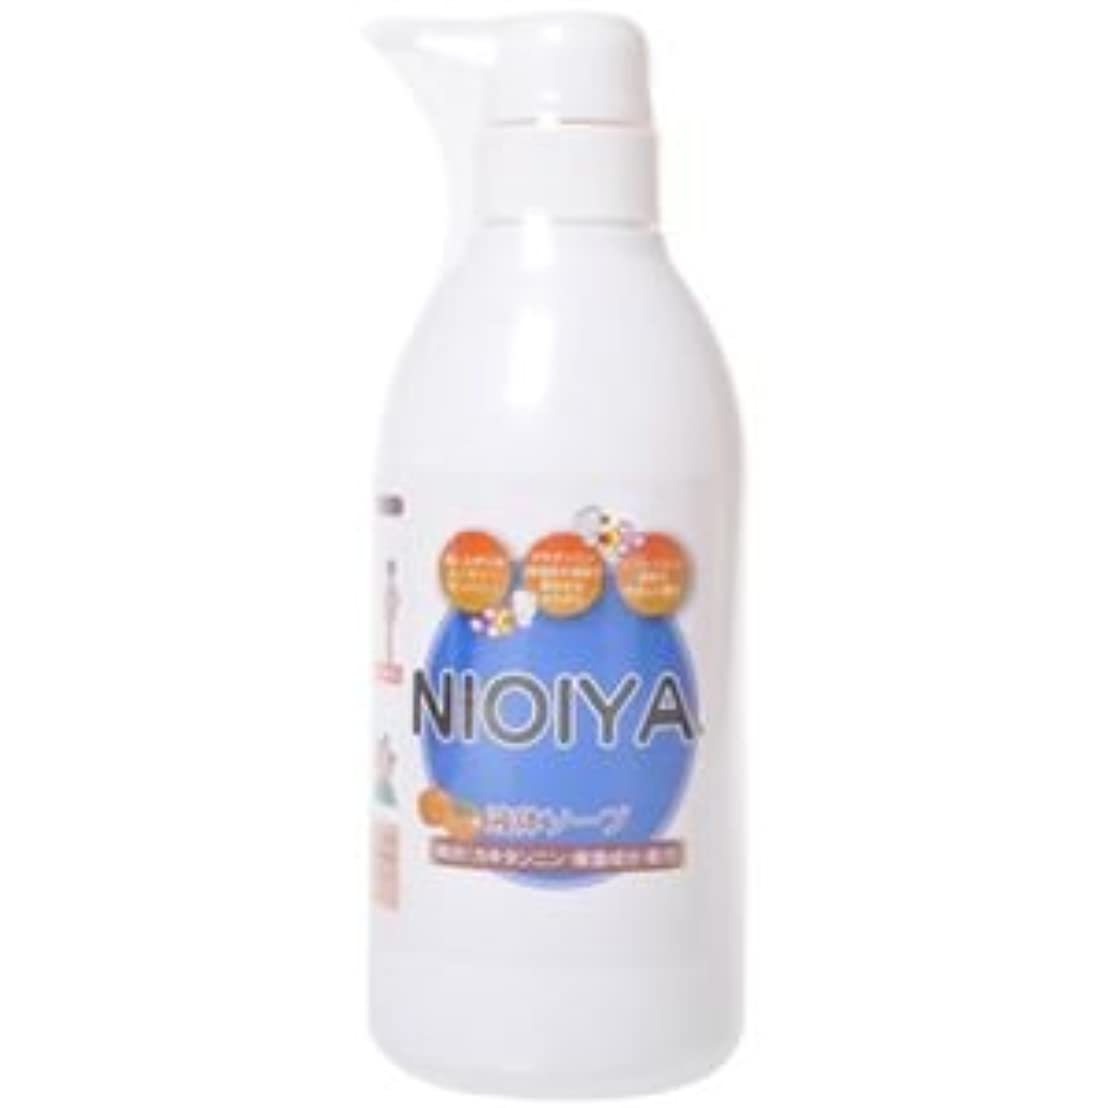 どっち効率的経過NIOIYA 柿渋配合 液体ソープ 500ml 【2セット】